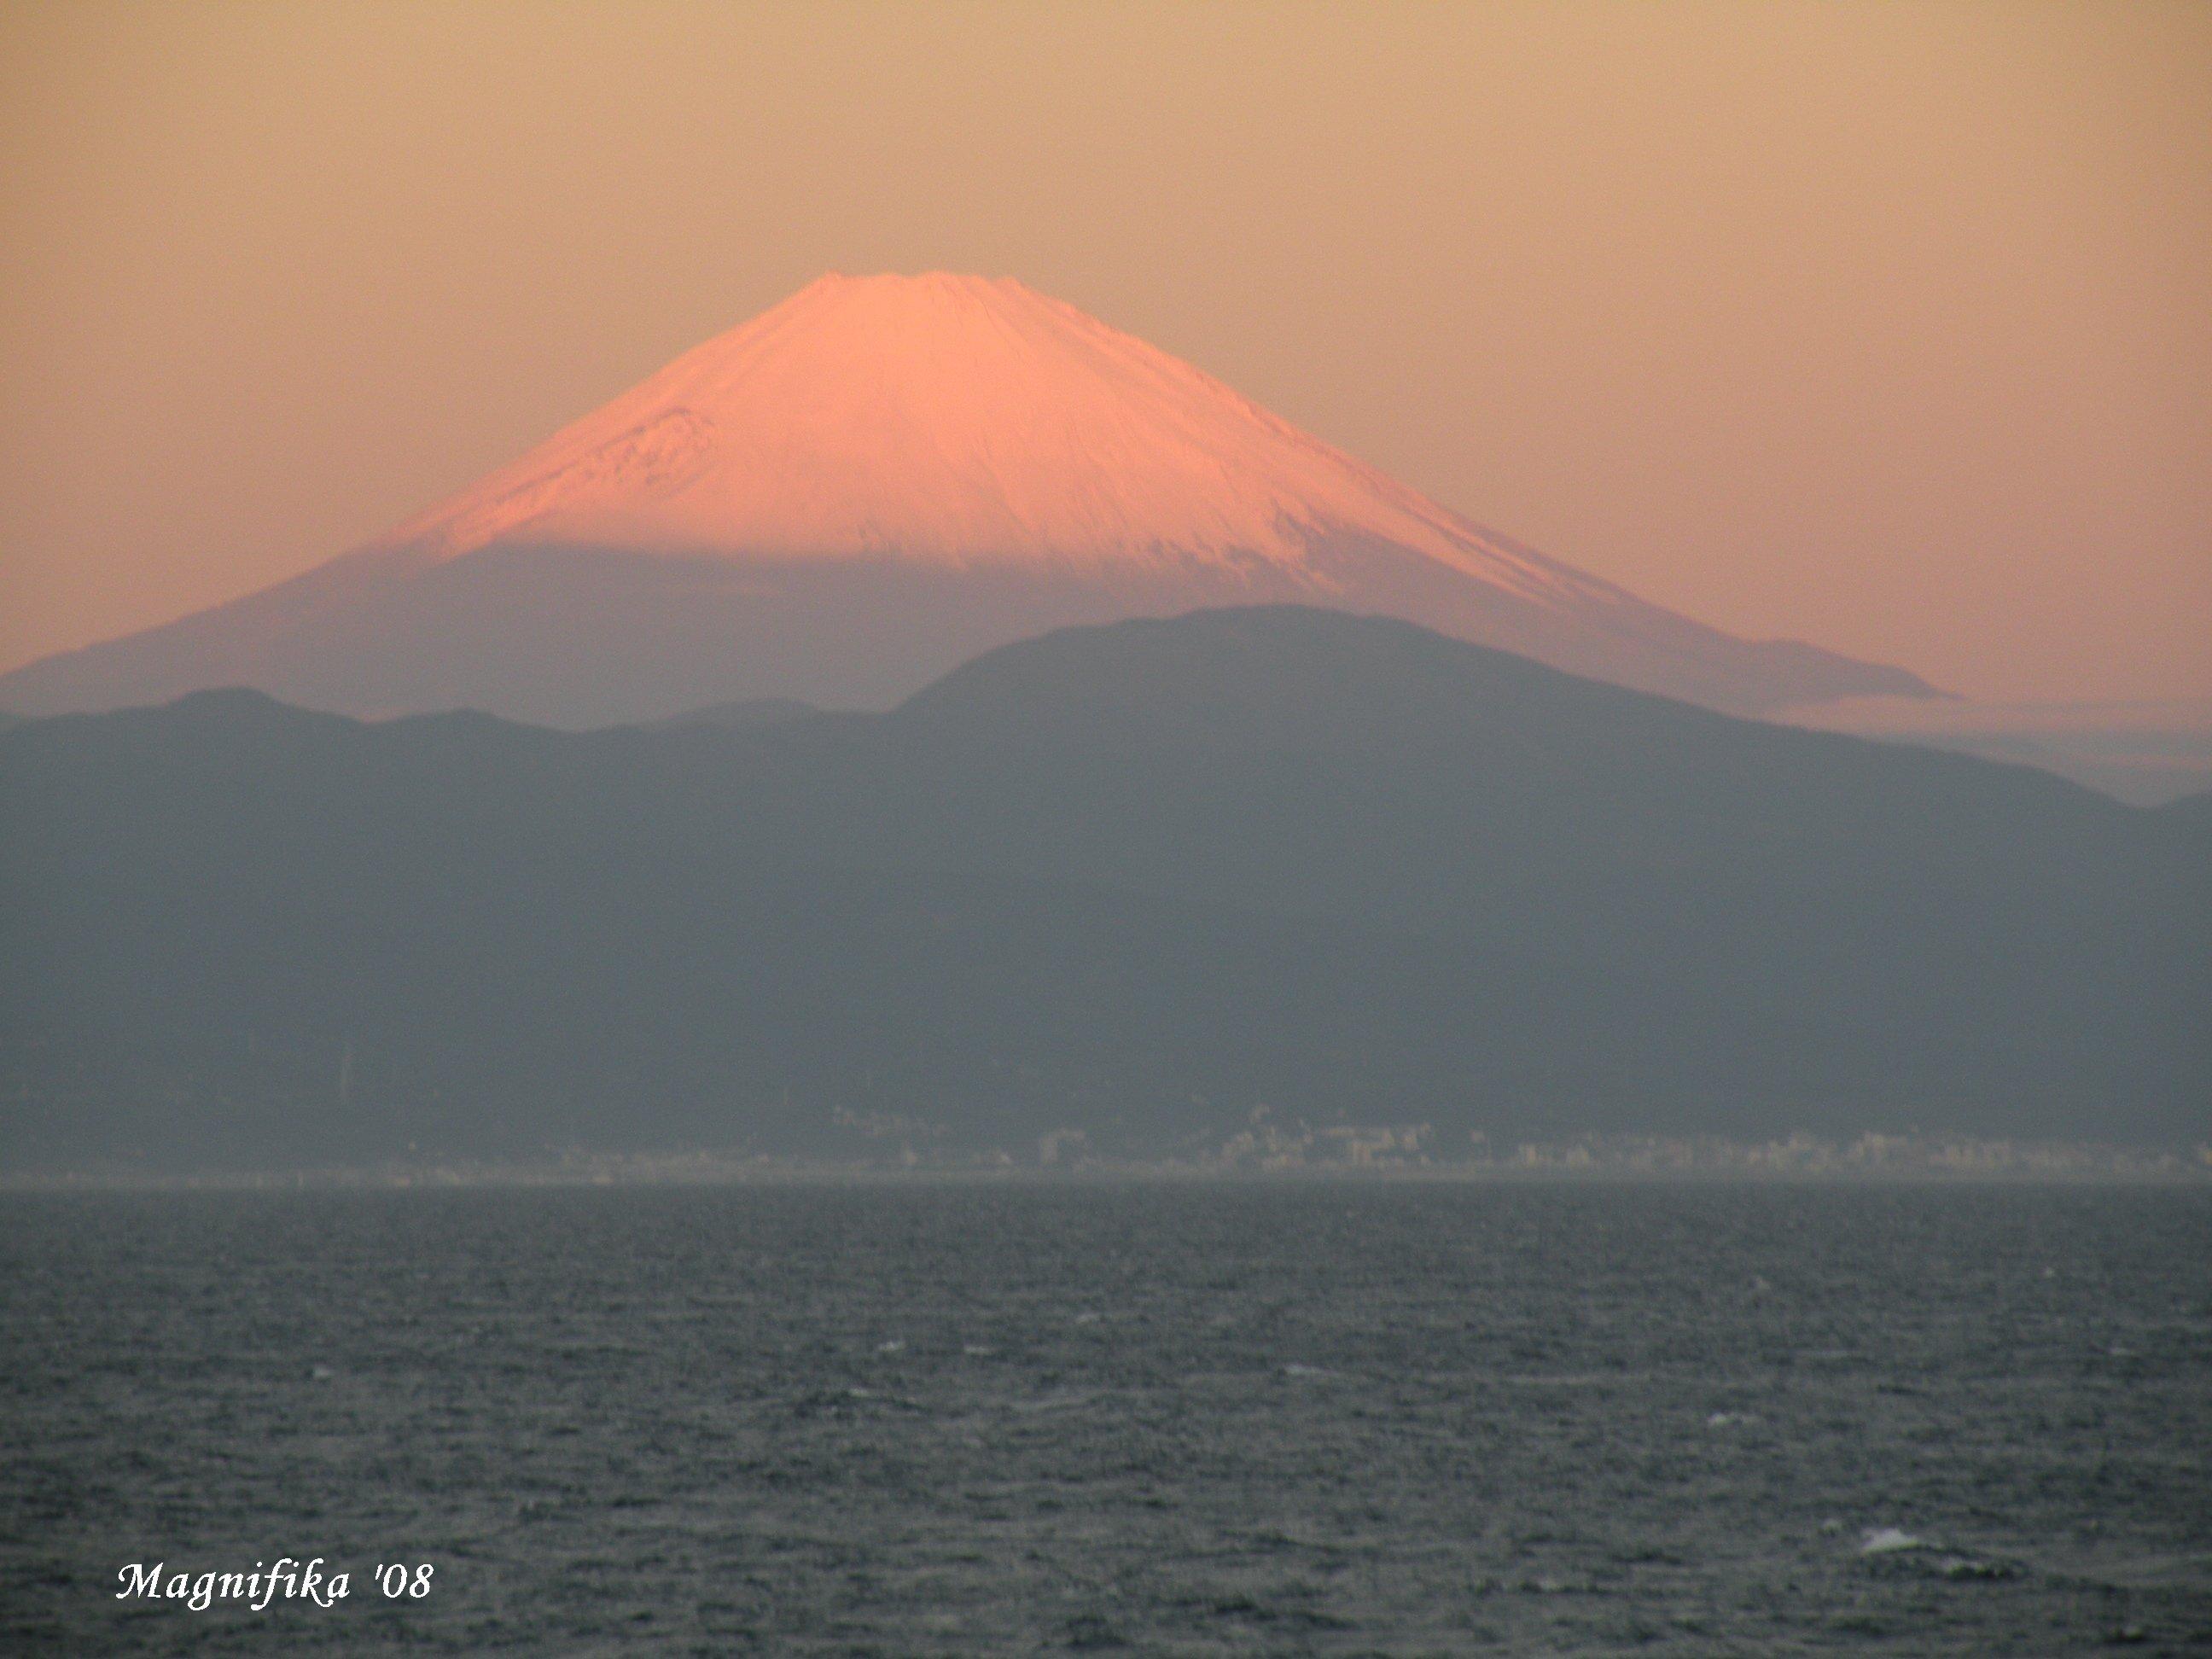 ぱしふぃっく びいなす Pacific Venus cruise report-8 Last day of the cruise_e0140365_19282822.jpg